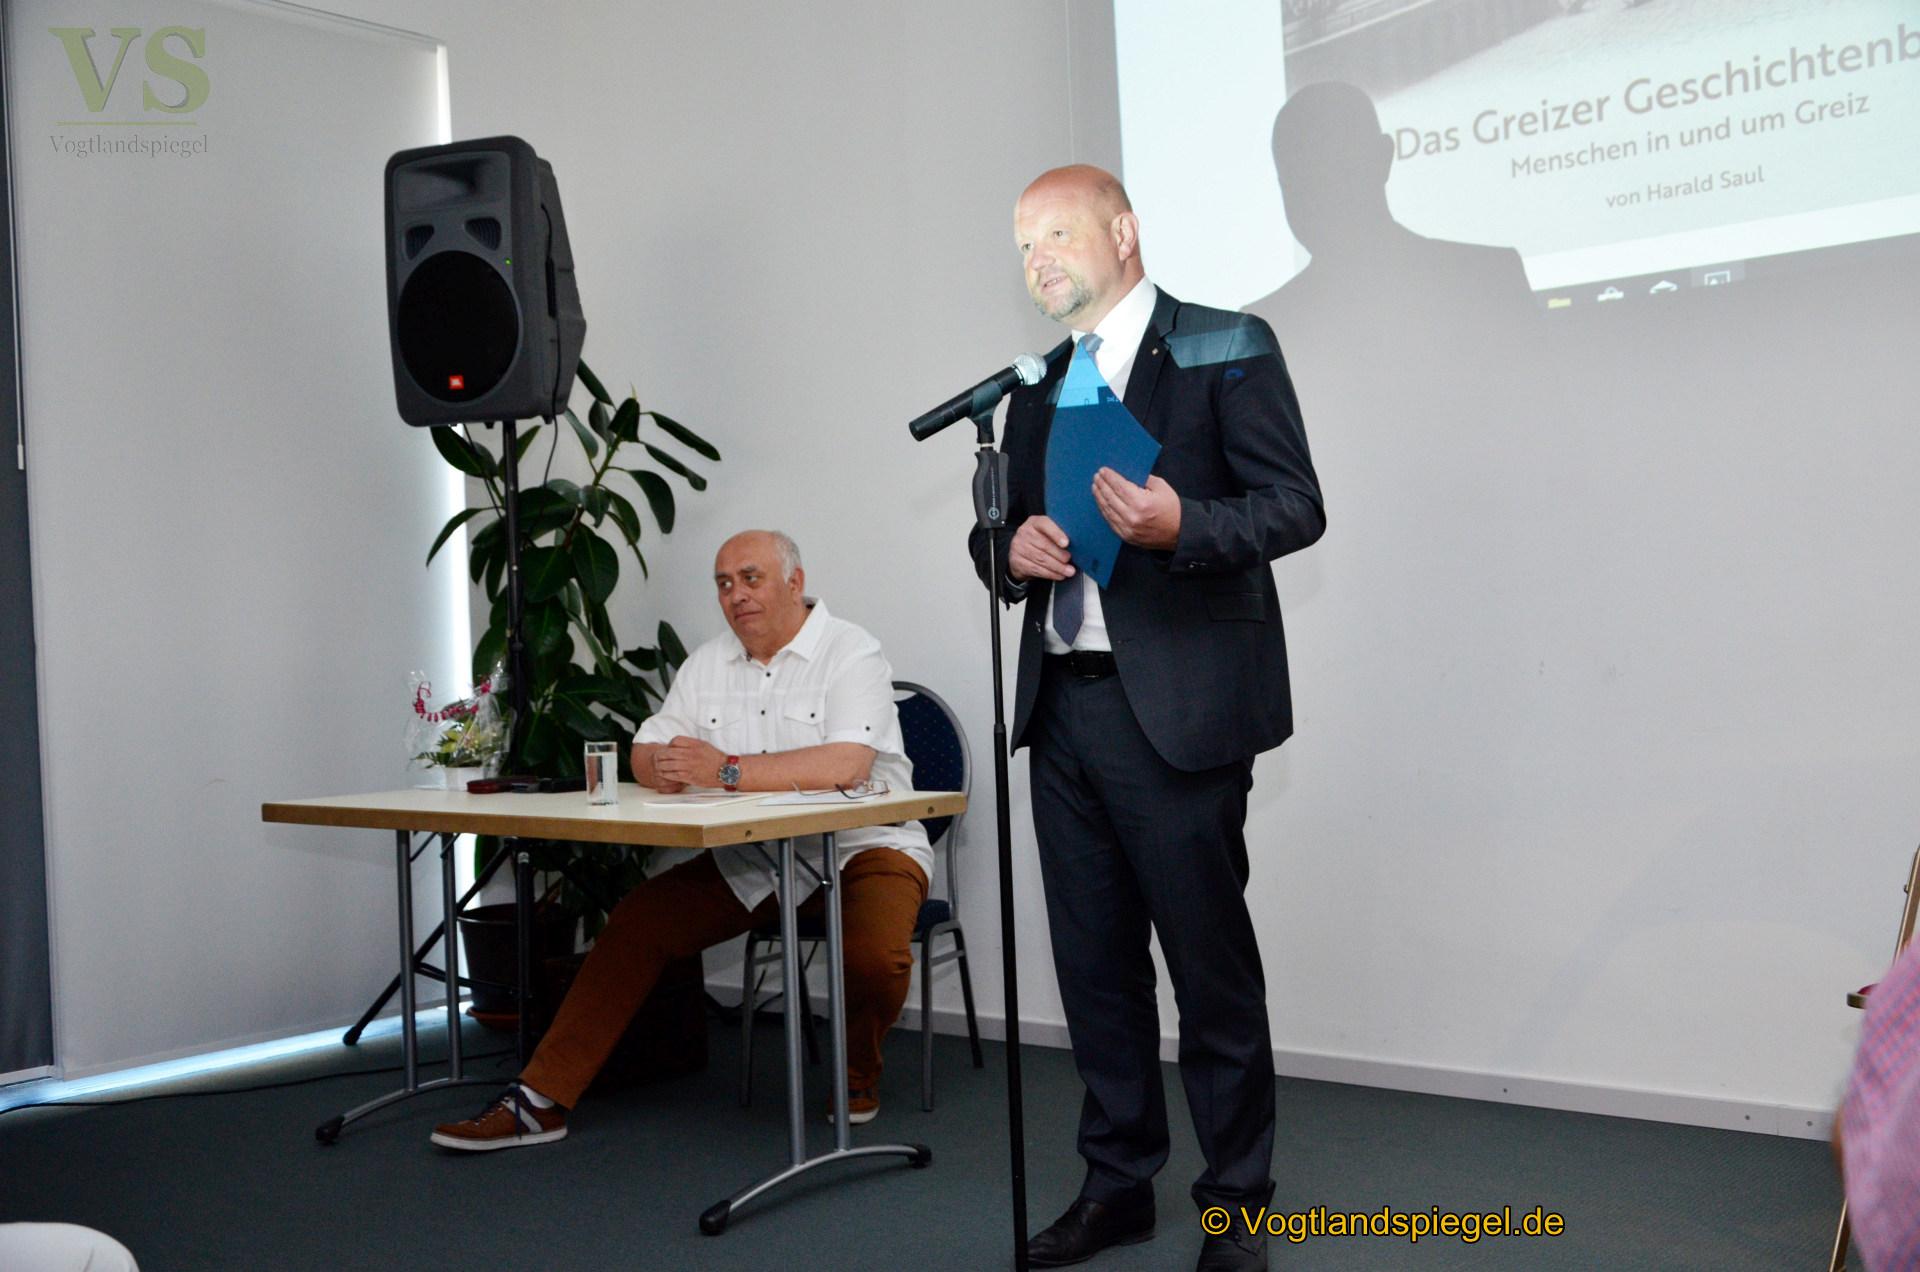 """Harald Saul präsentiert das """"Greizer Geschichtenbuch"""""""